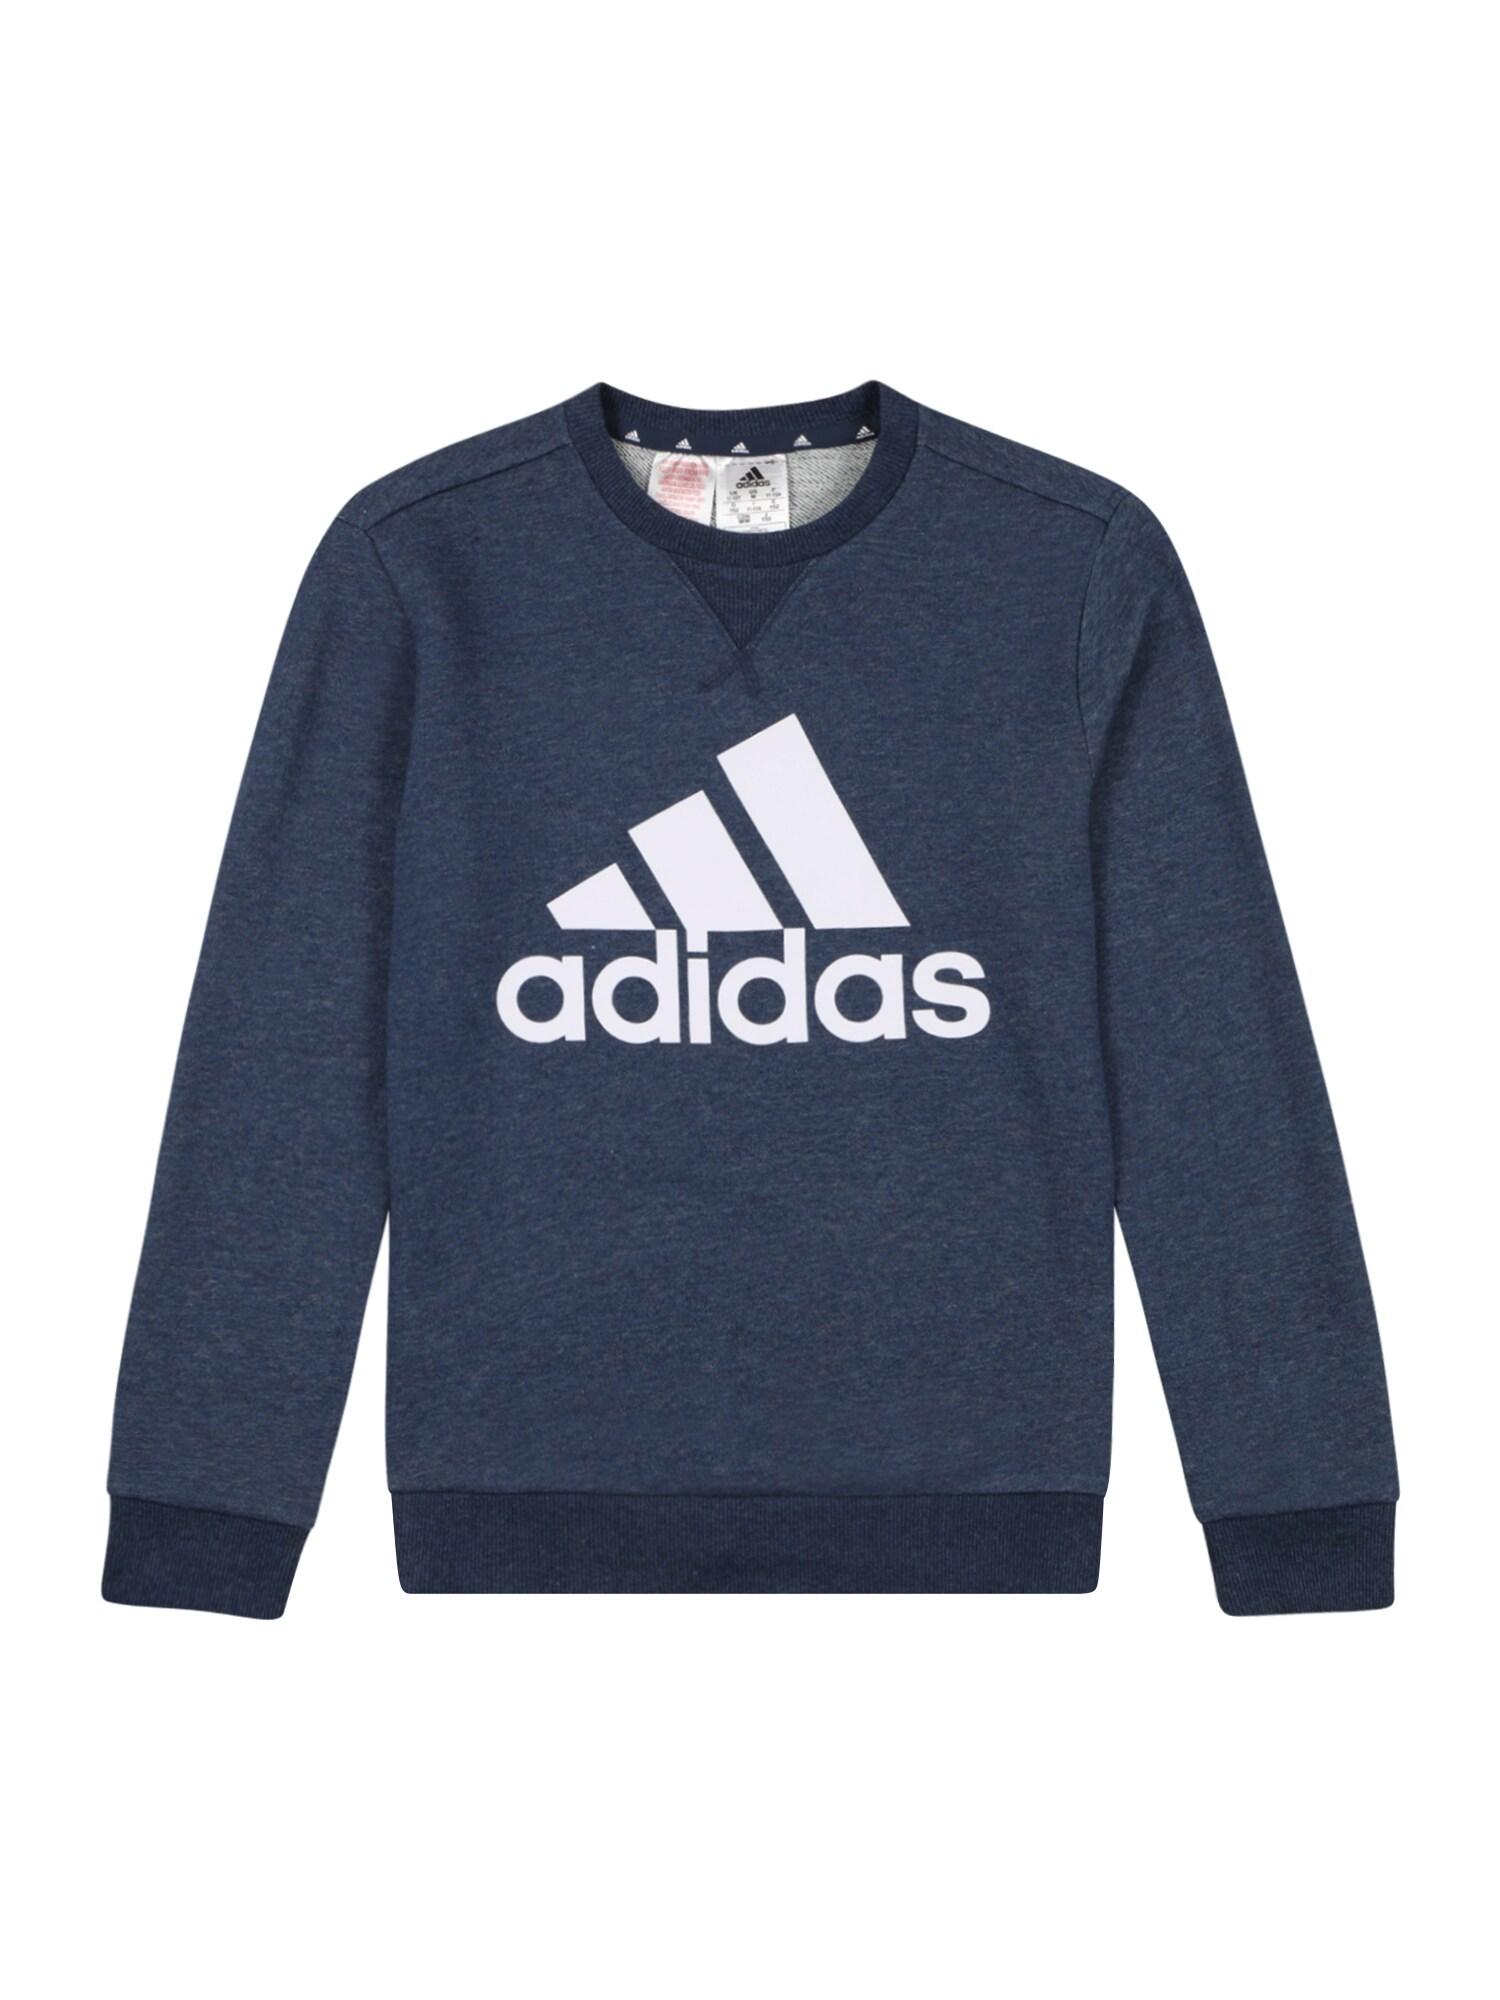 ADIDAS PERFORMANCE Sportinio tipo megztinis tamsiai mėlyna jūros spalva / balta